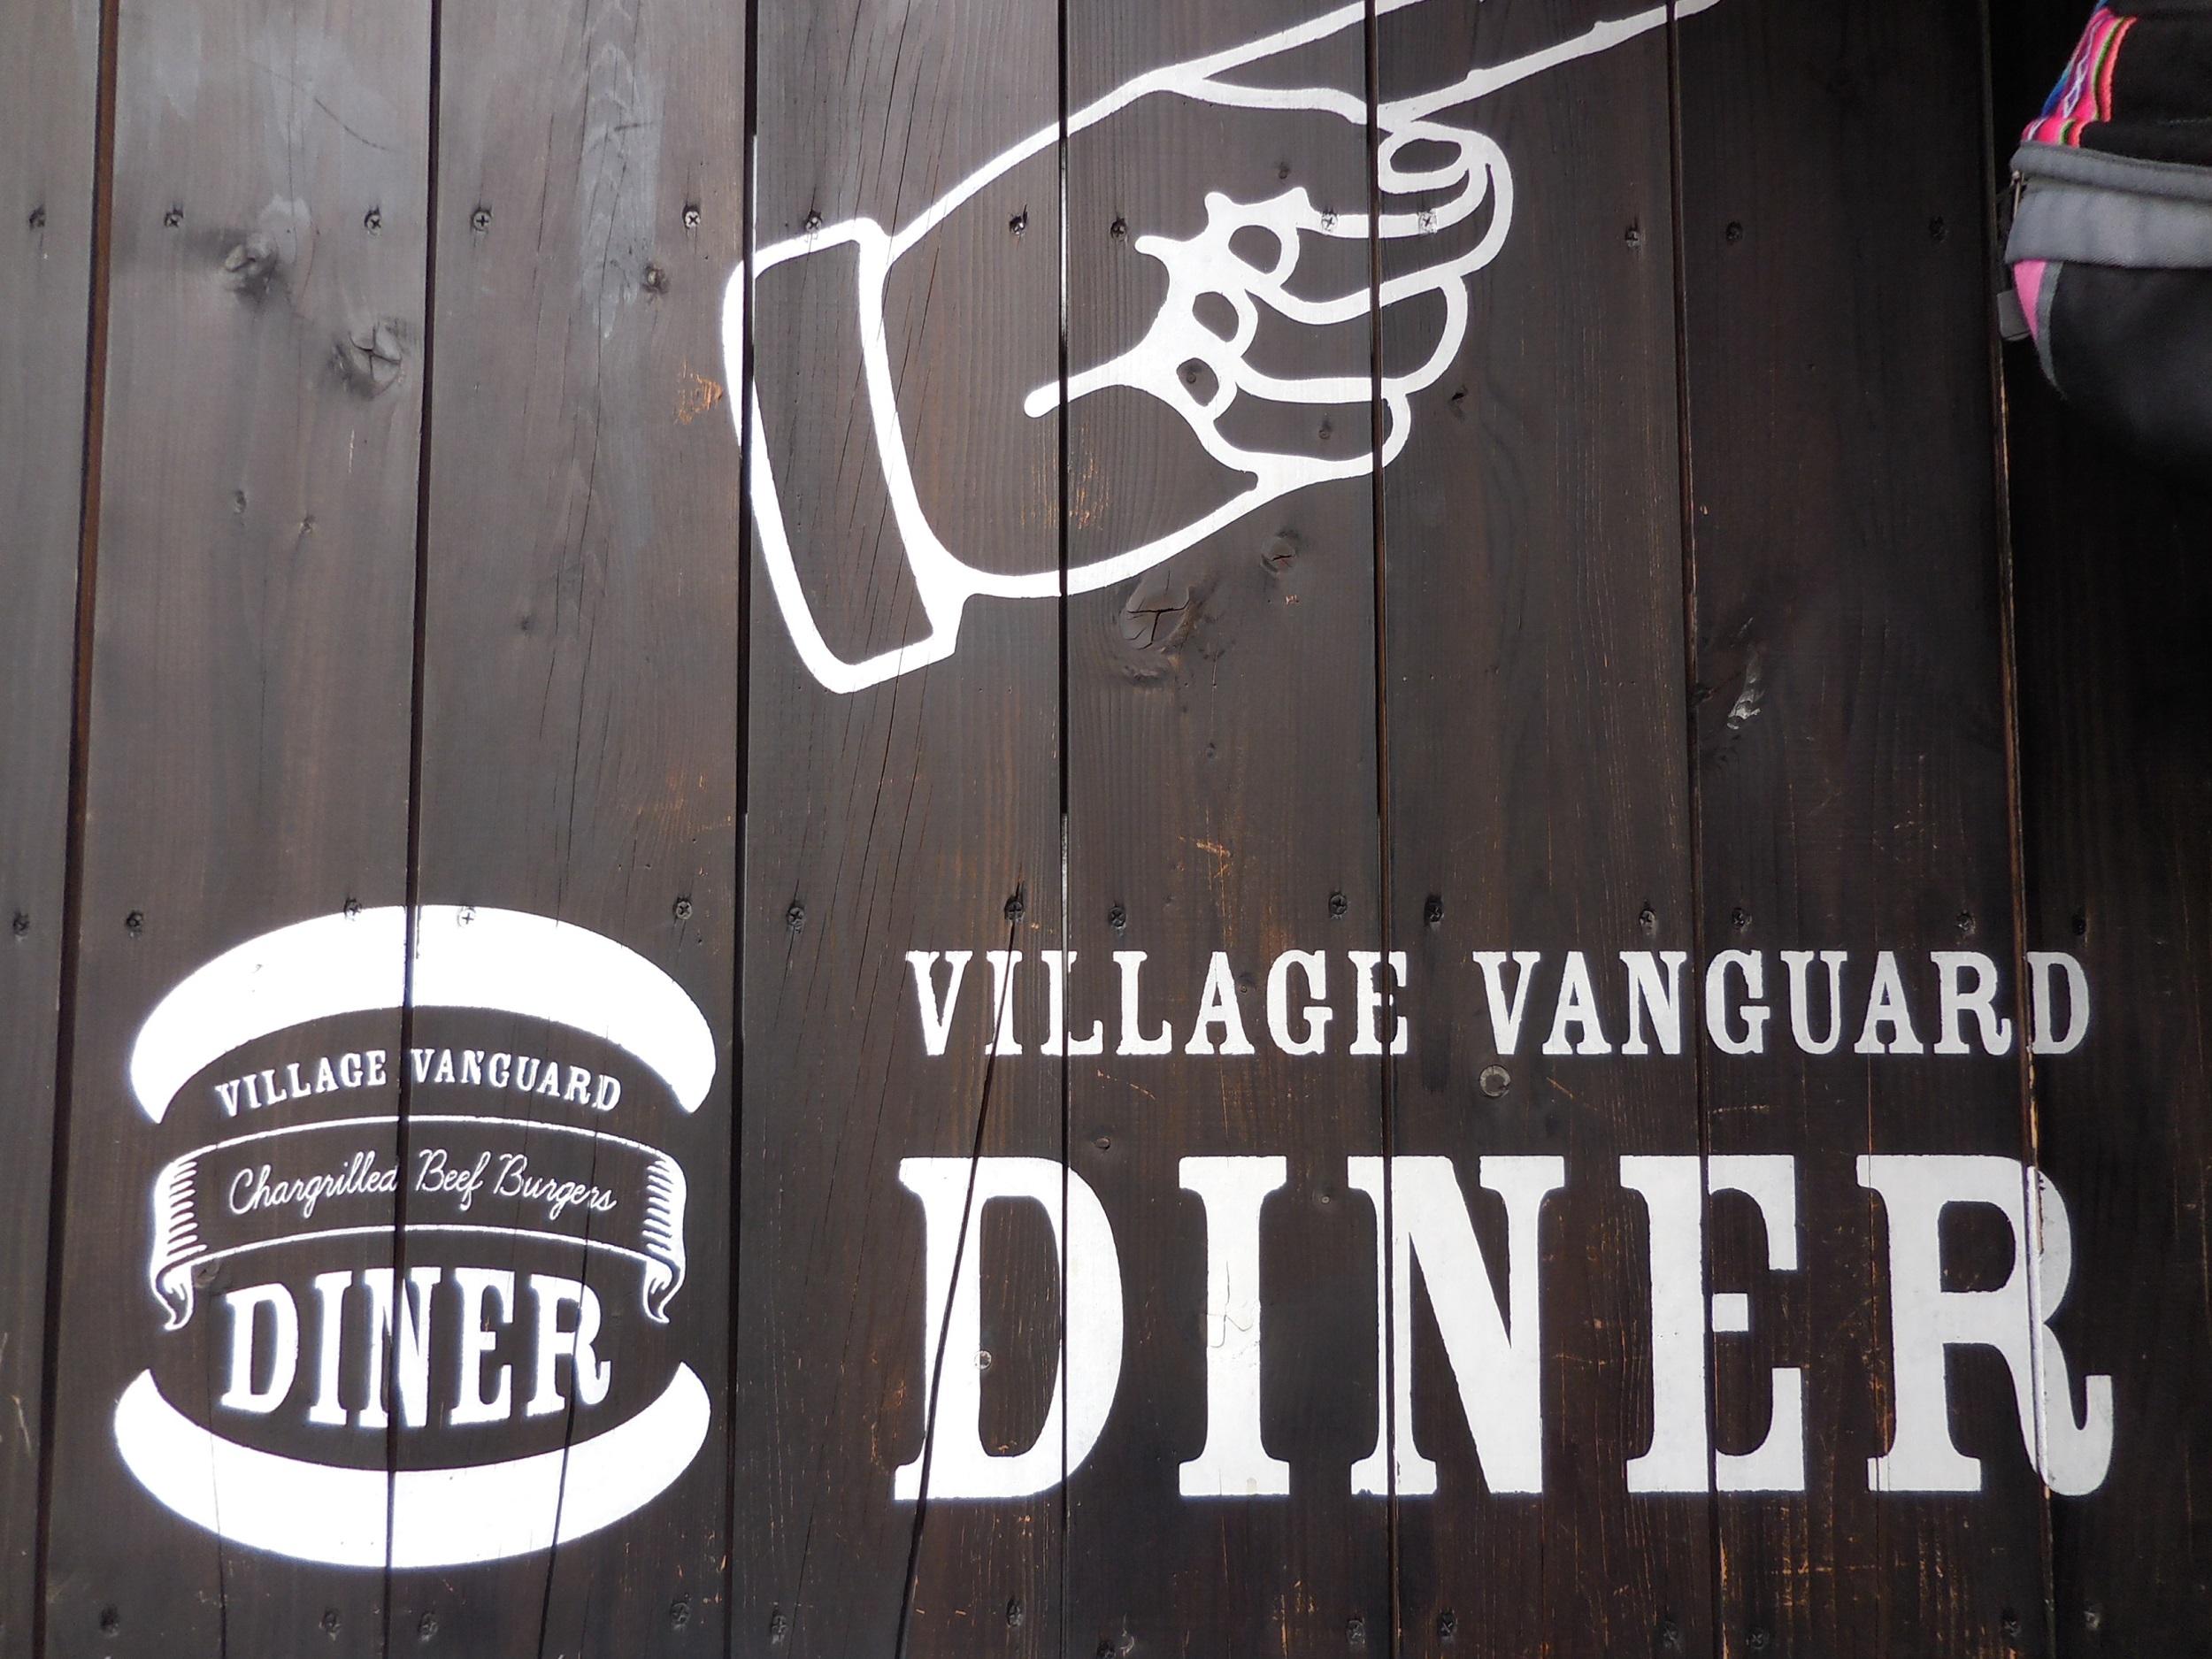 【メニューがリニューアル!】めちゃおいしかった!ヴィレッジヴァンガードダイナーのハンバーガー_1